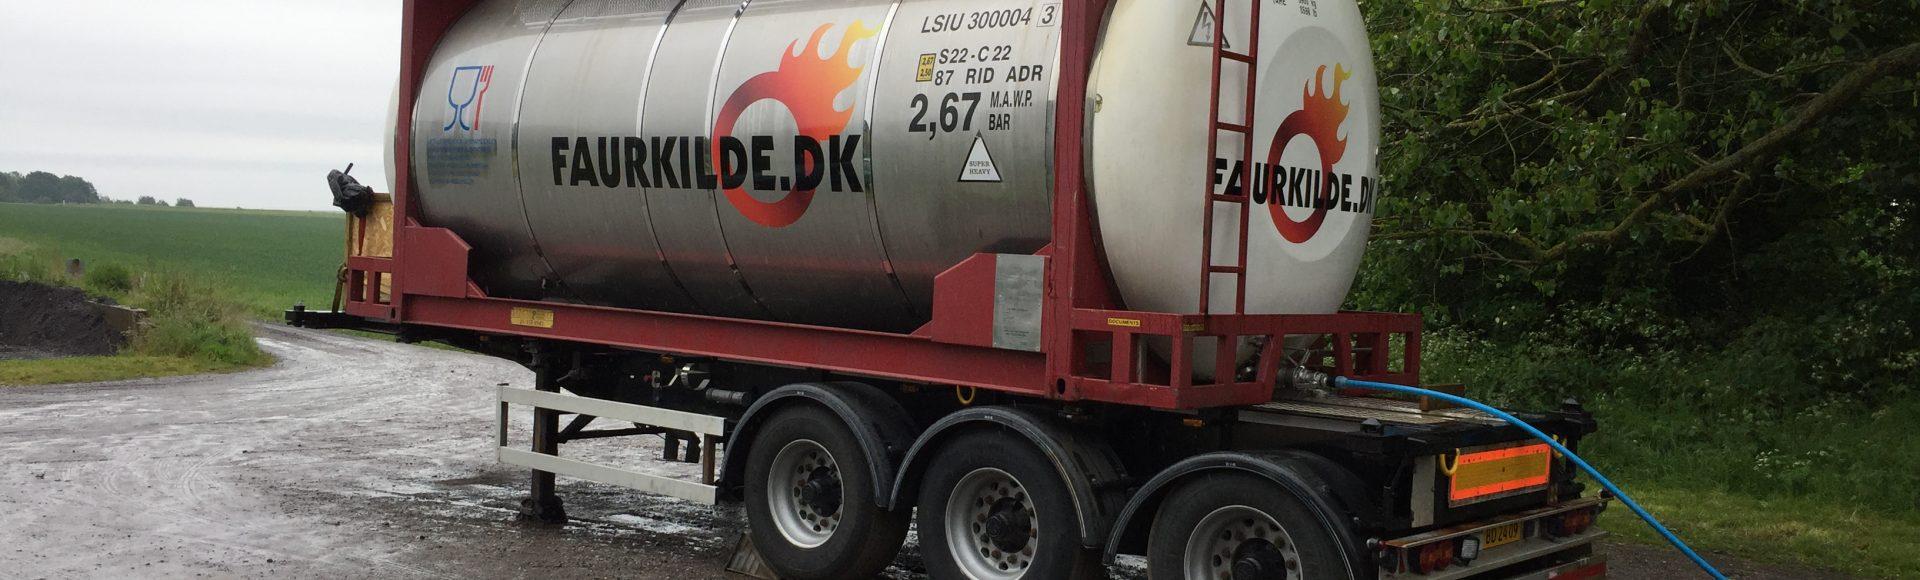 Vand på Nyord fra tankbiler!